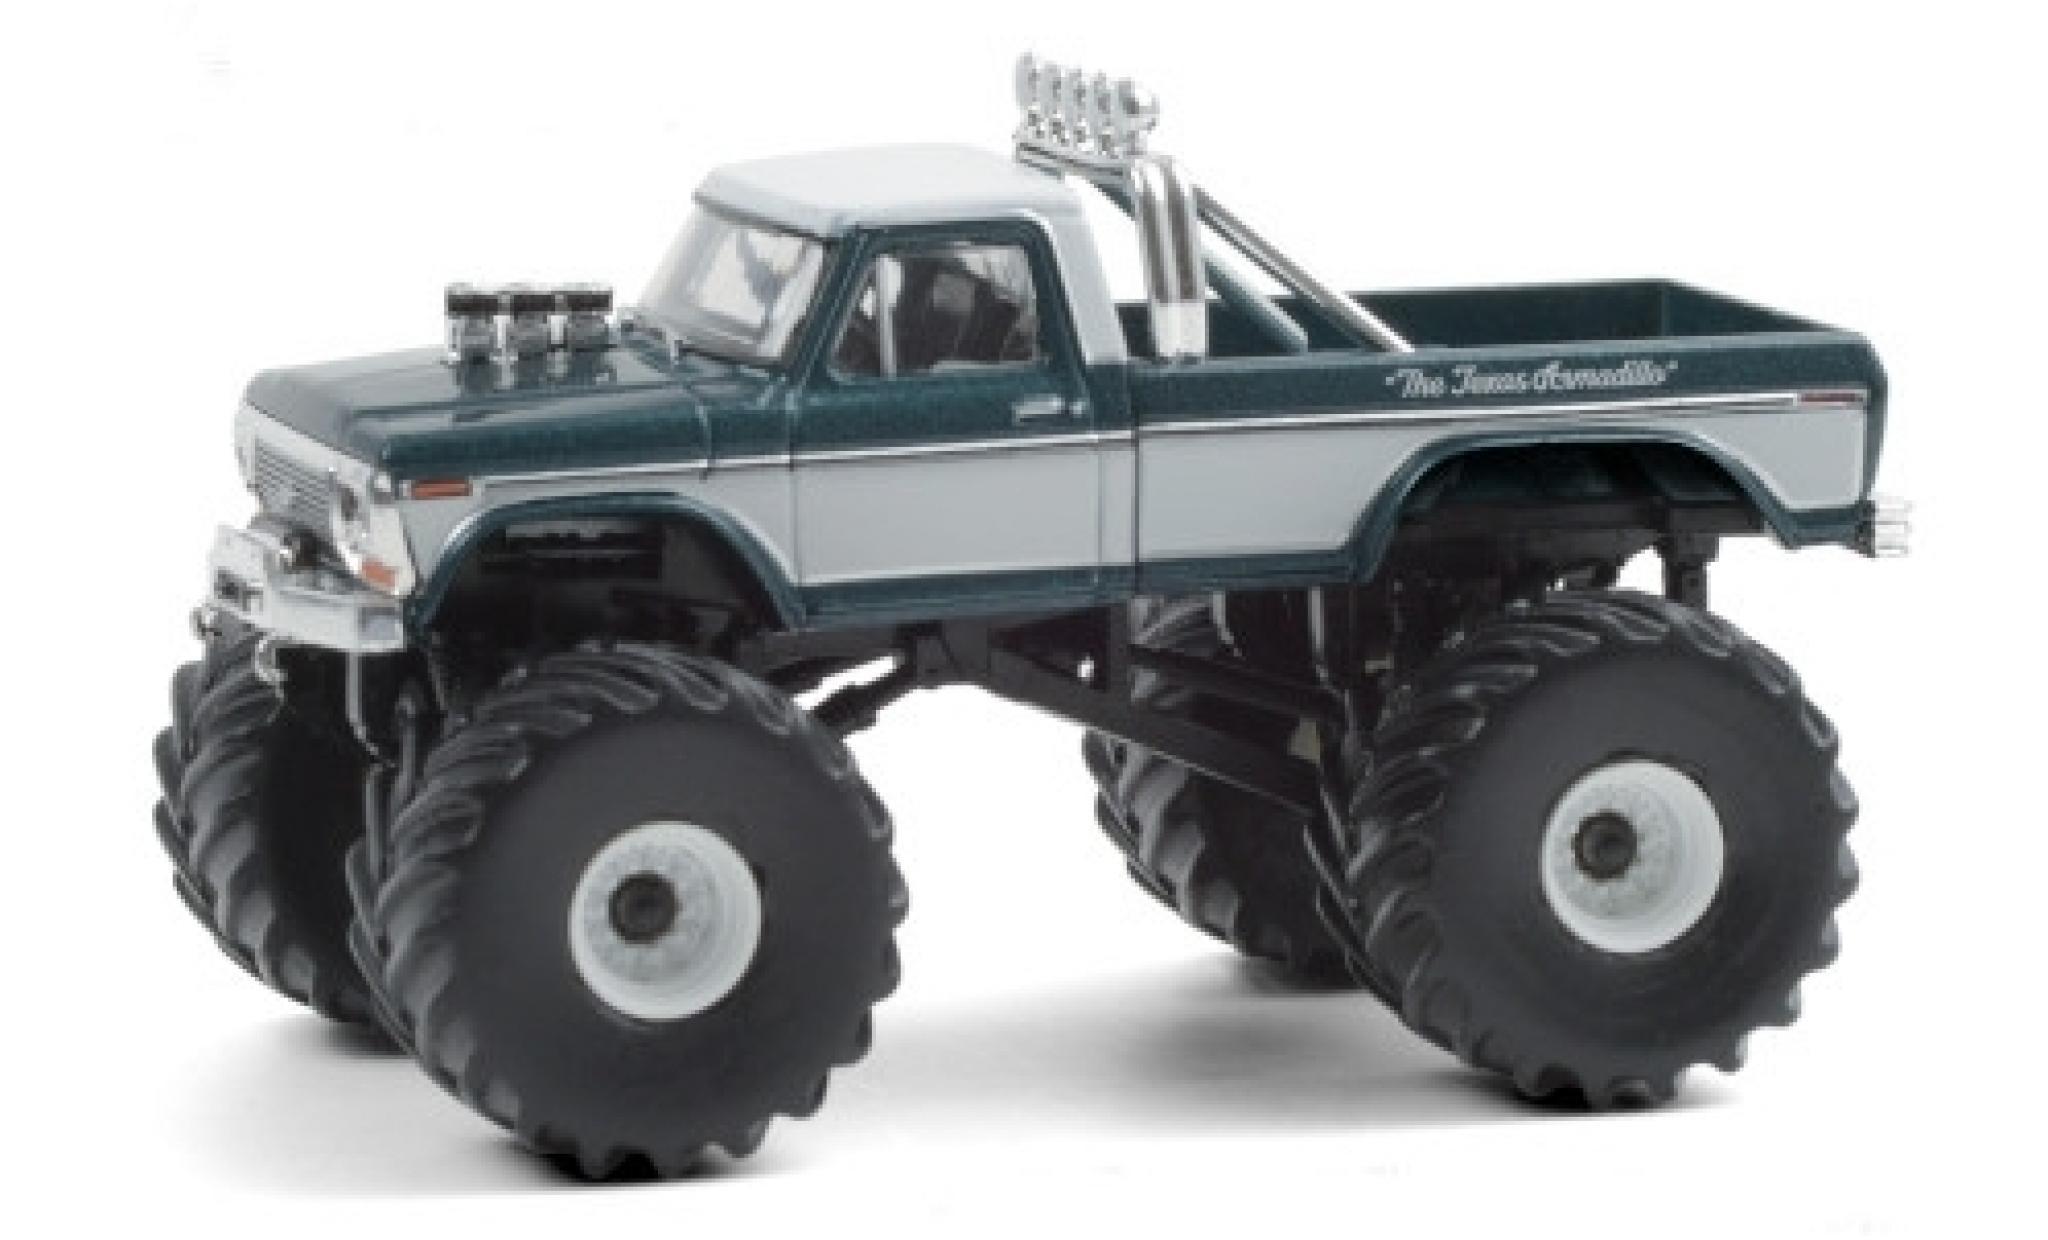 Ford F-250 1/64 Greenlight Monster Truck Texas Armadillo 1979